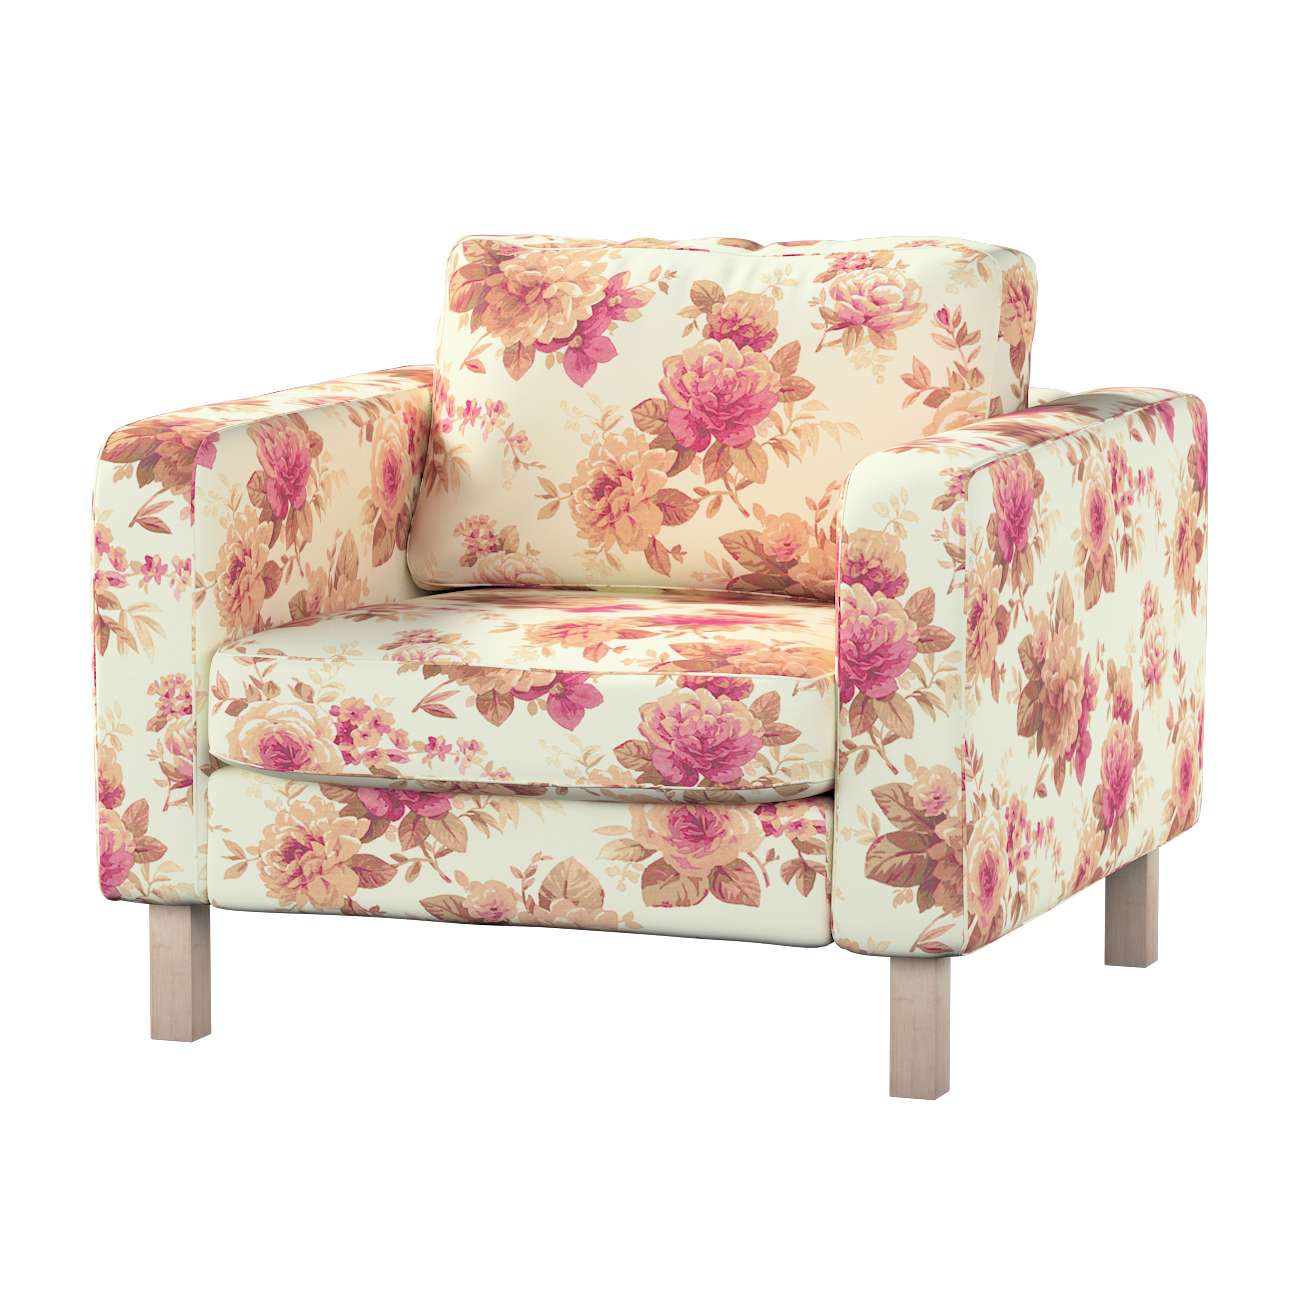 Karlstad fotelio užvalkalas Karlstad fotelio užvalkalas kolekcijoje Mirella, audinys: 141-06